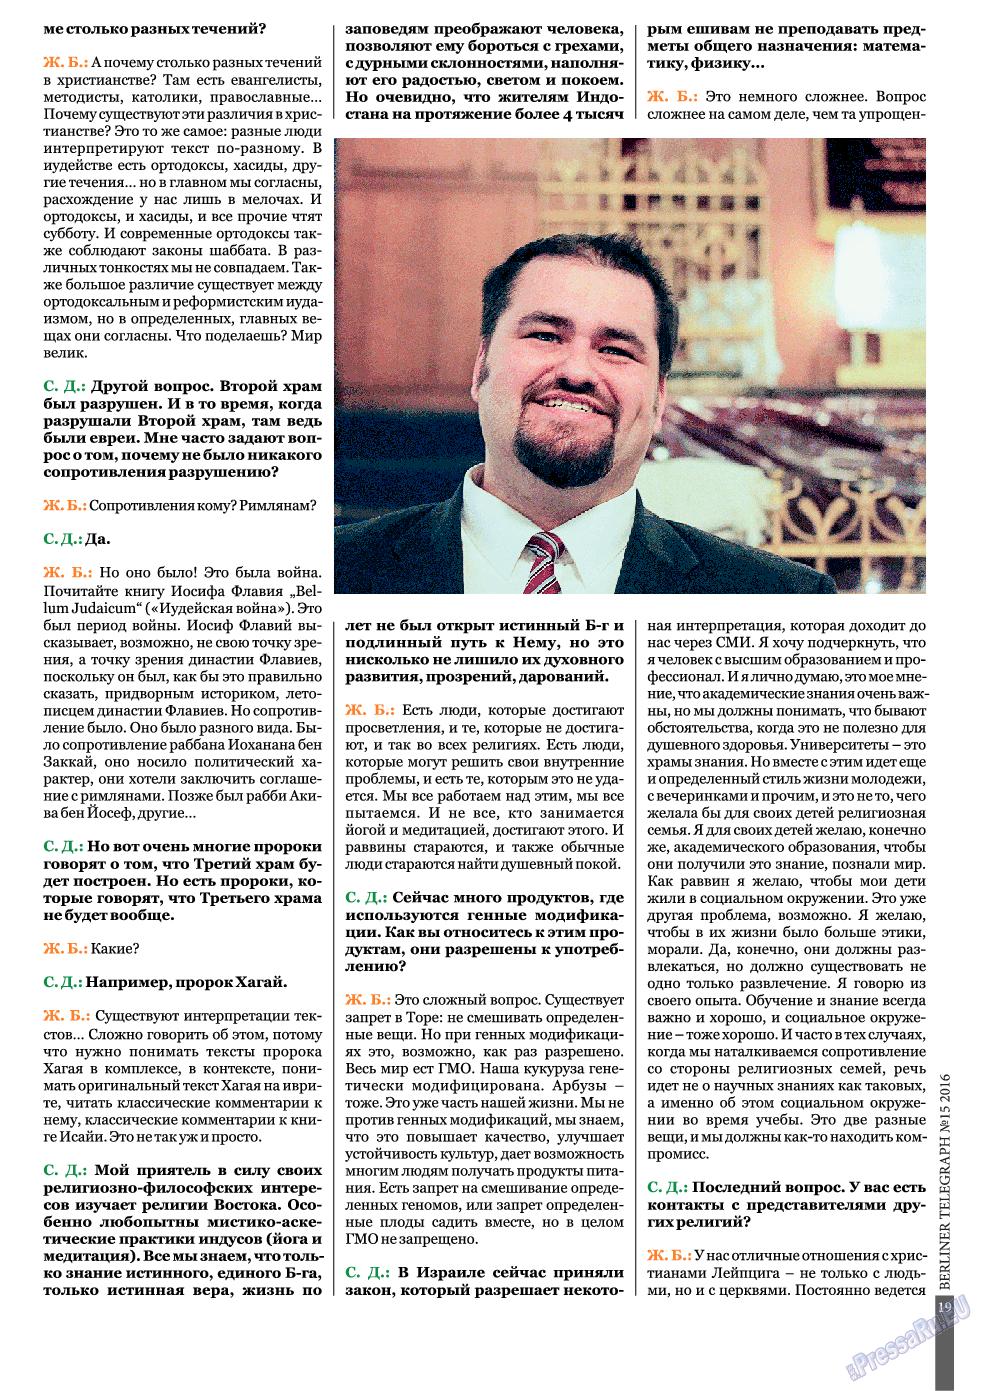 Берлинский телеграф (журнал). 2016 год, номер 15, стр. 19